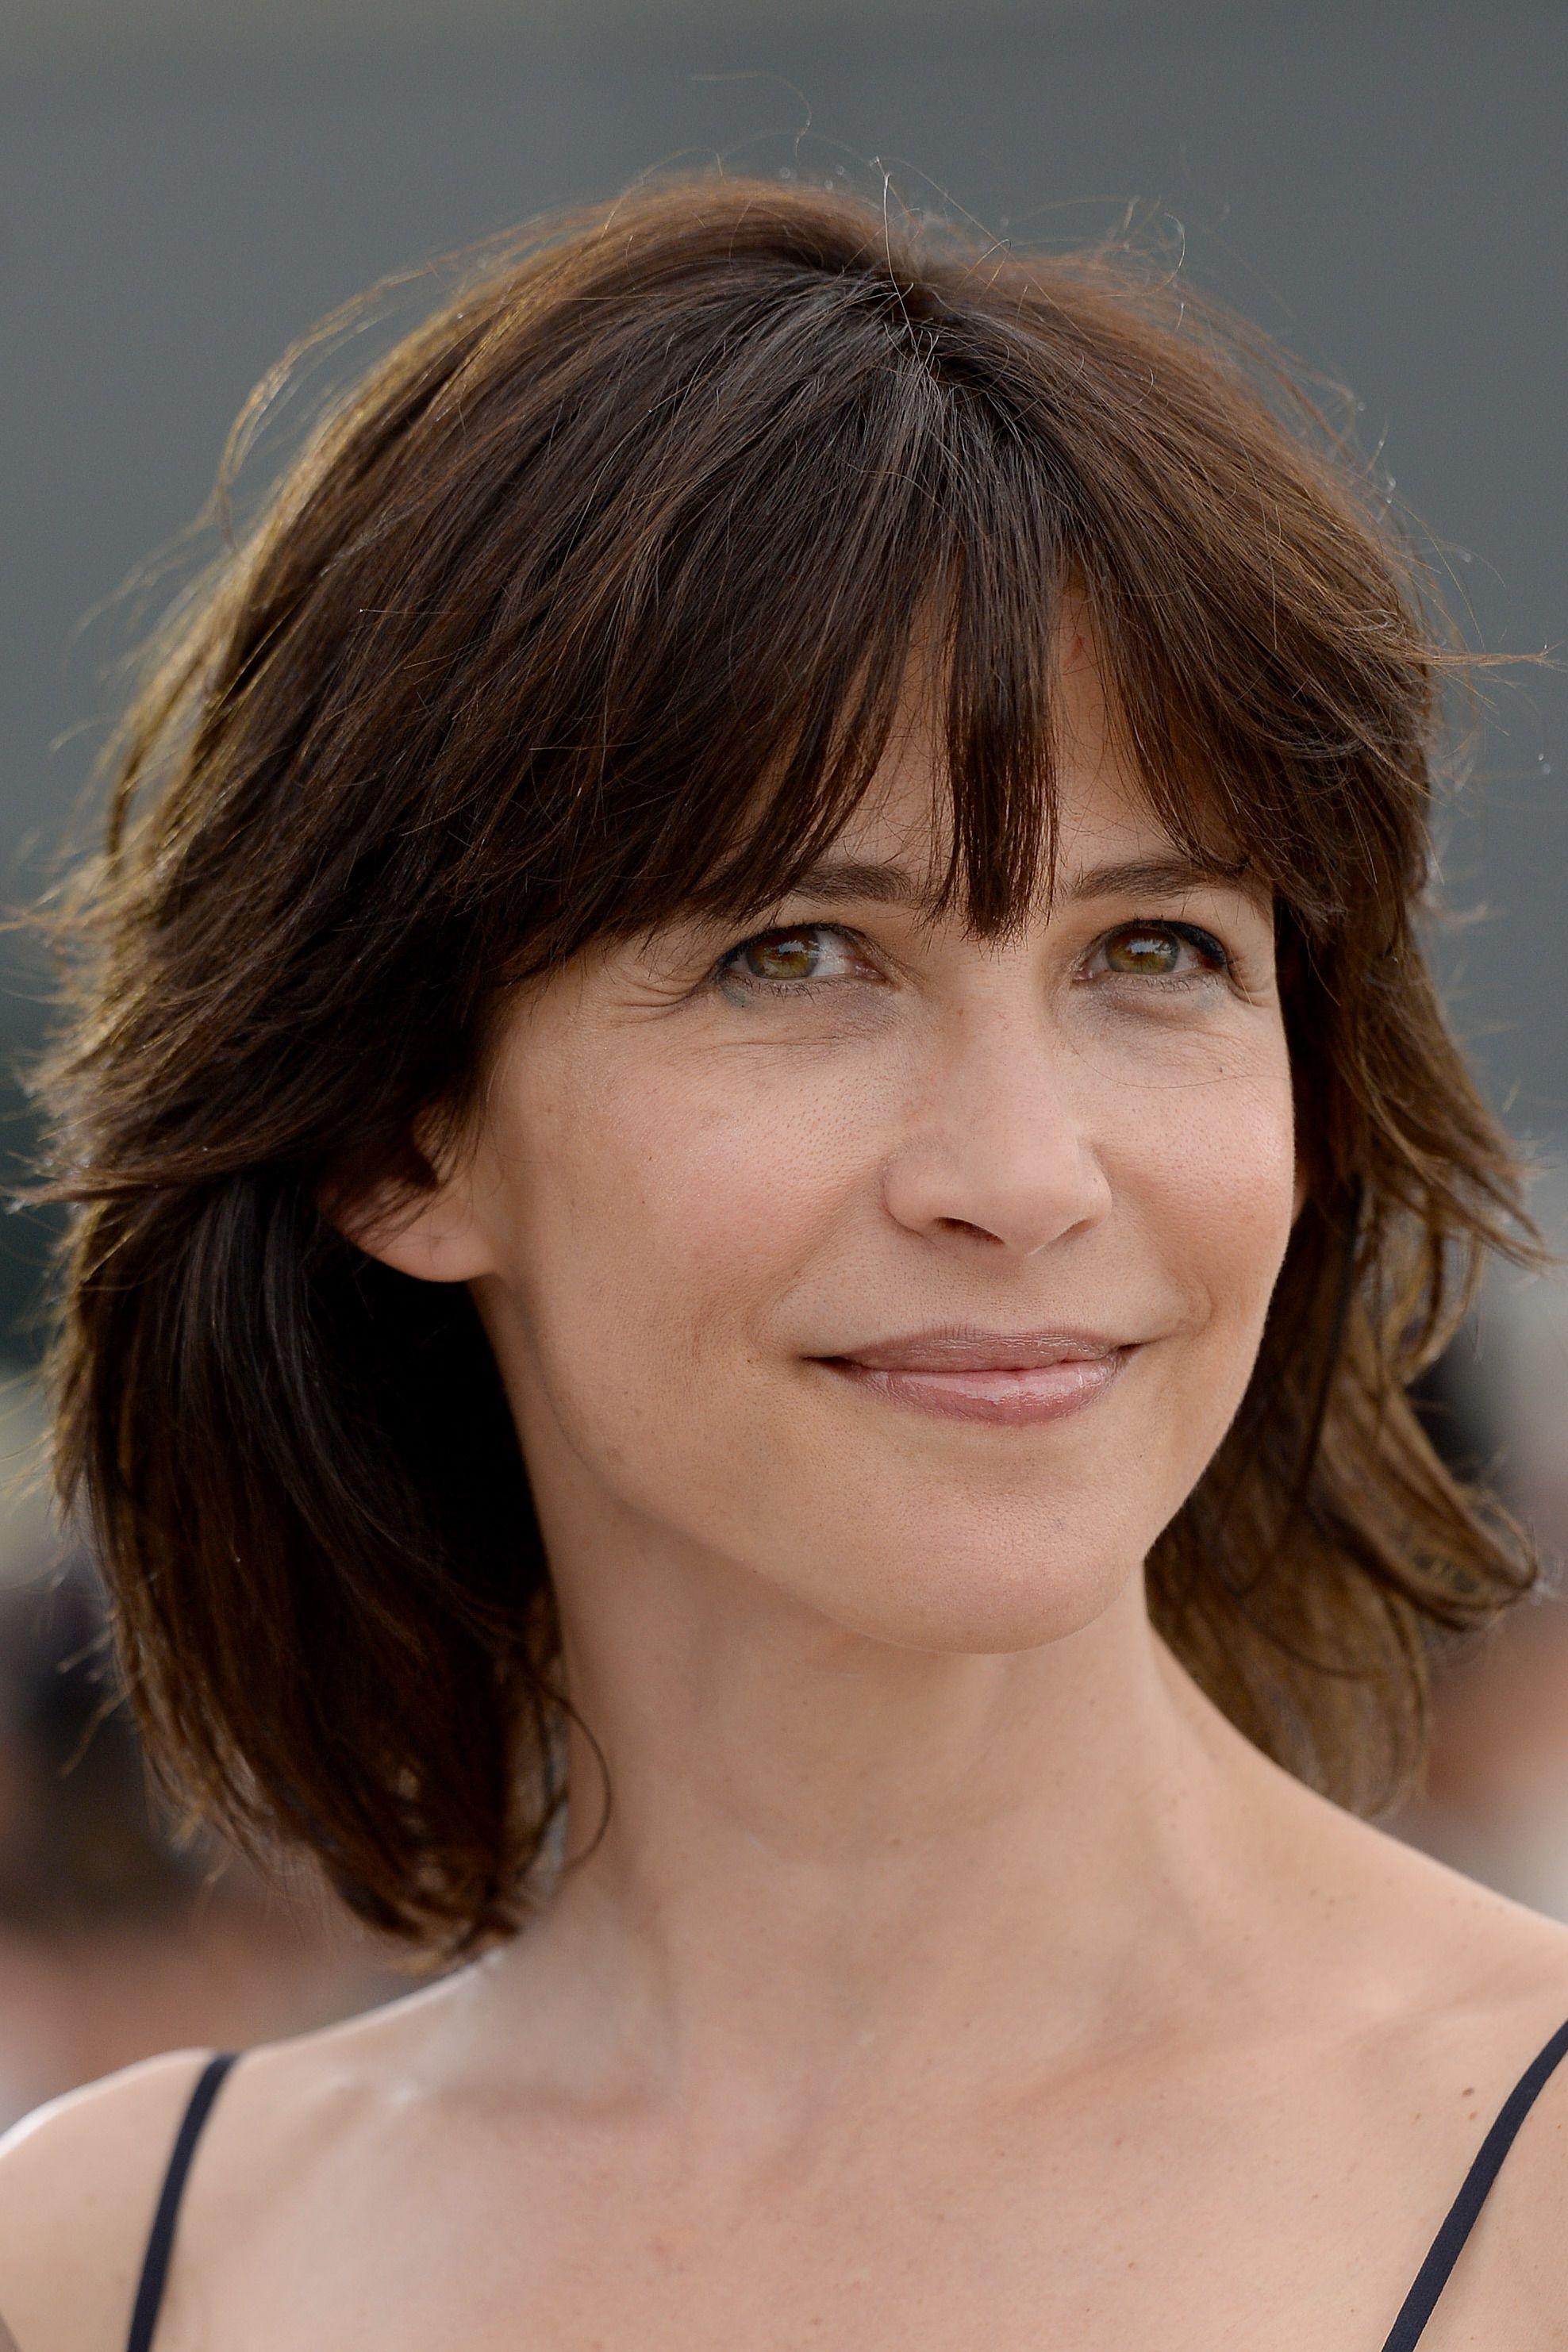 Épinglé sur Make up & Coiffure Cannes 2015